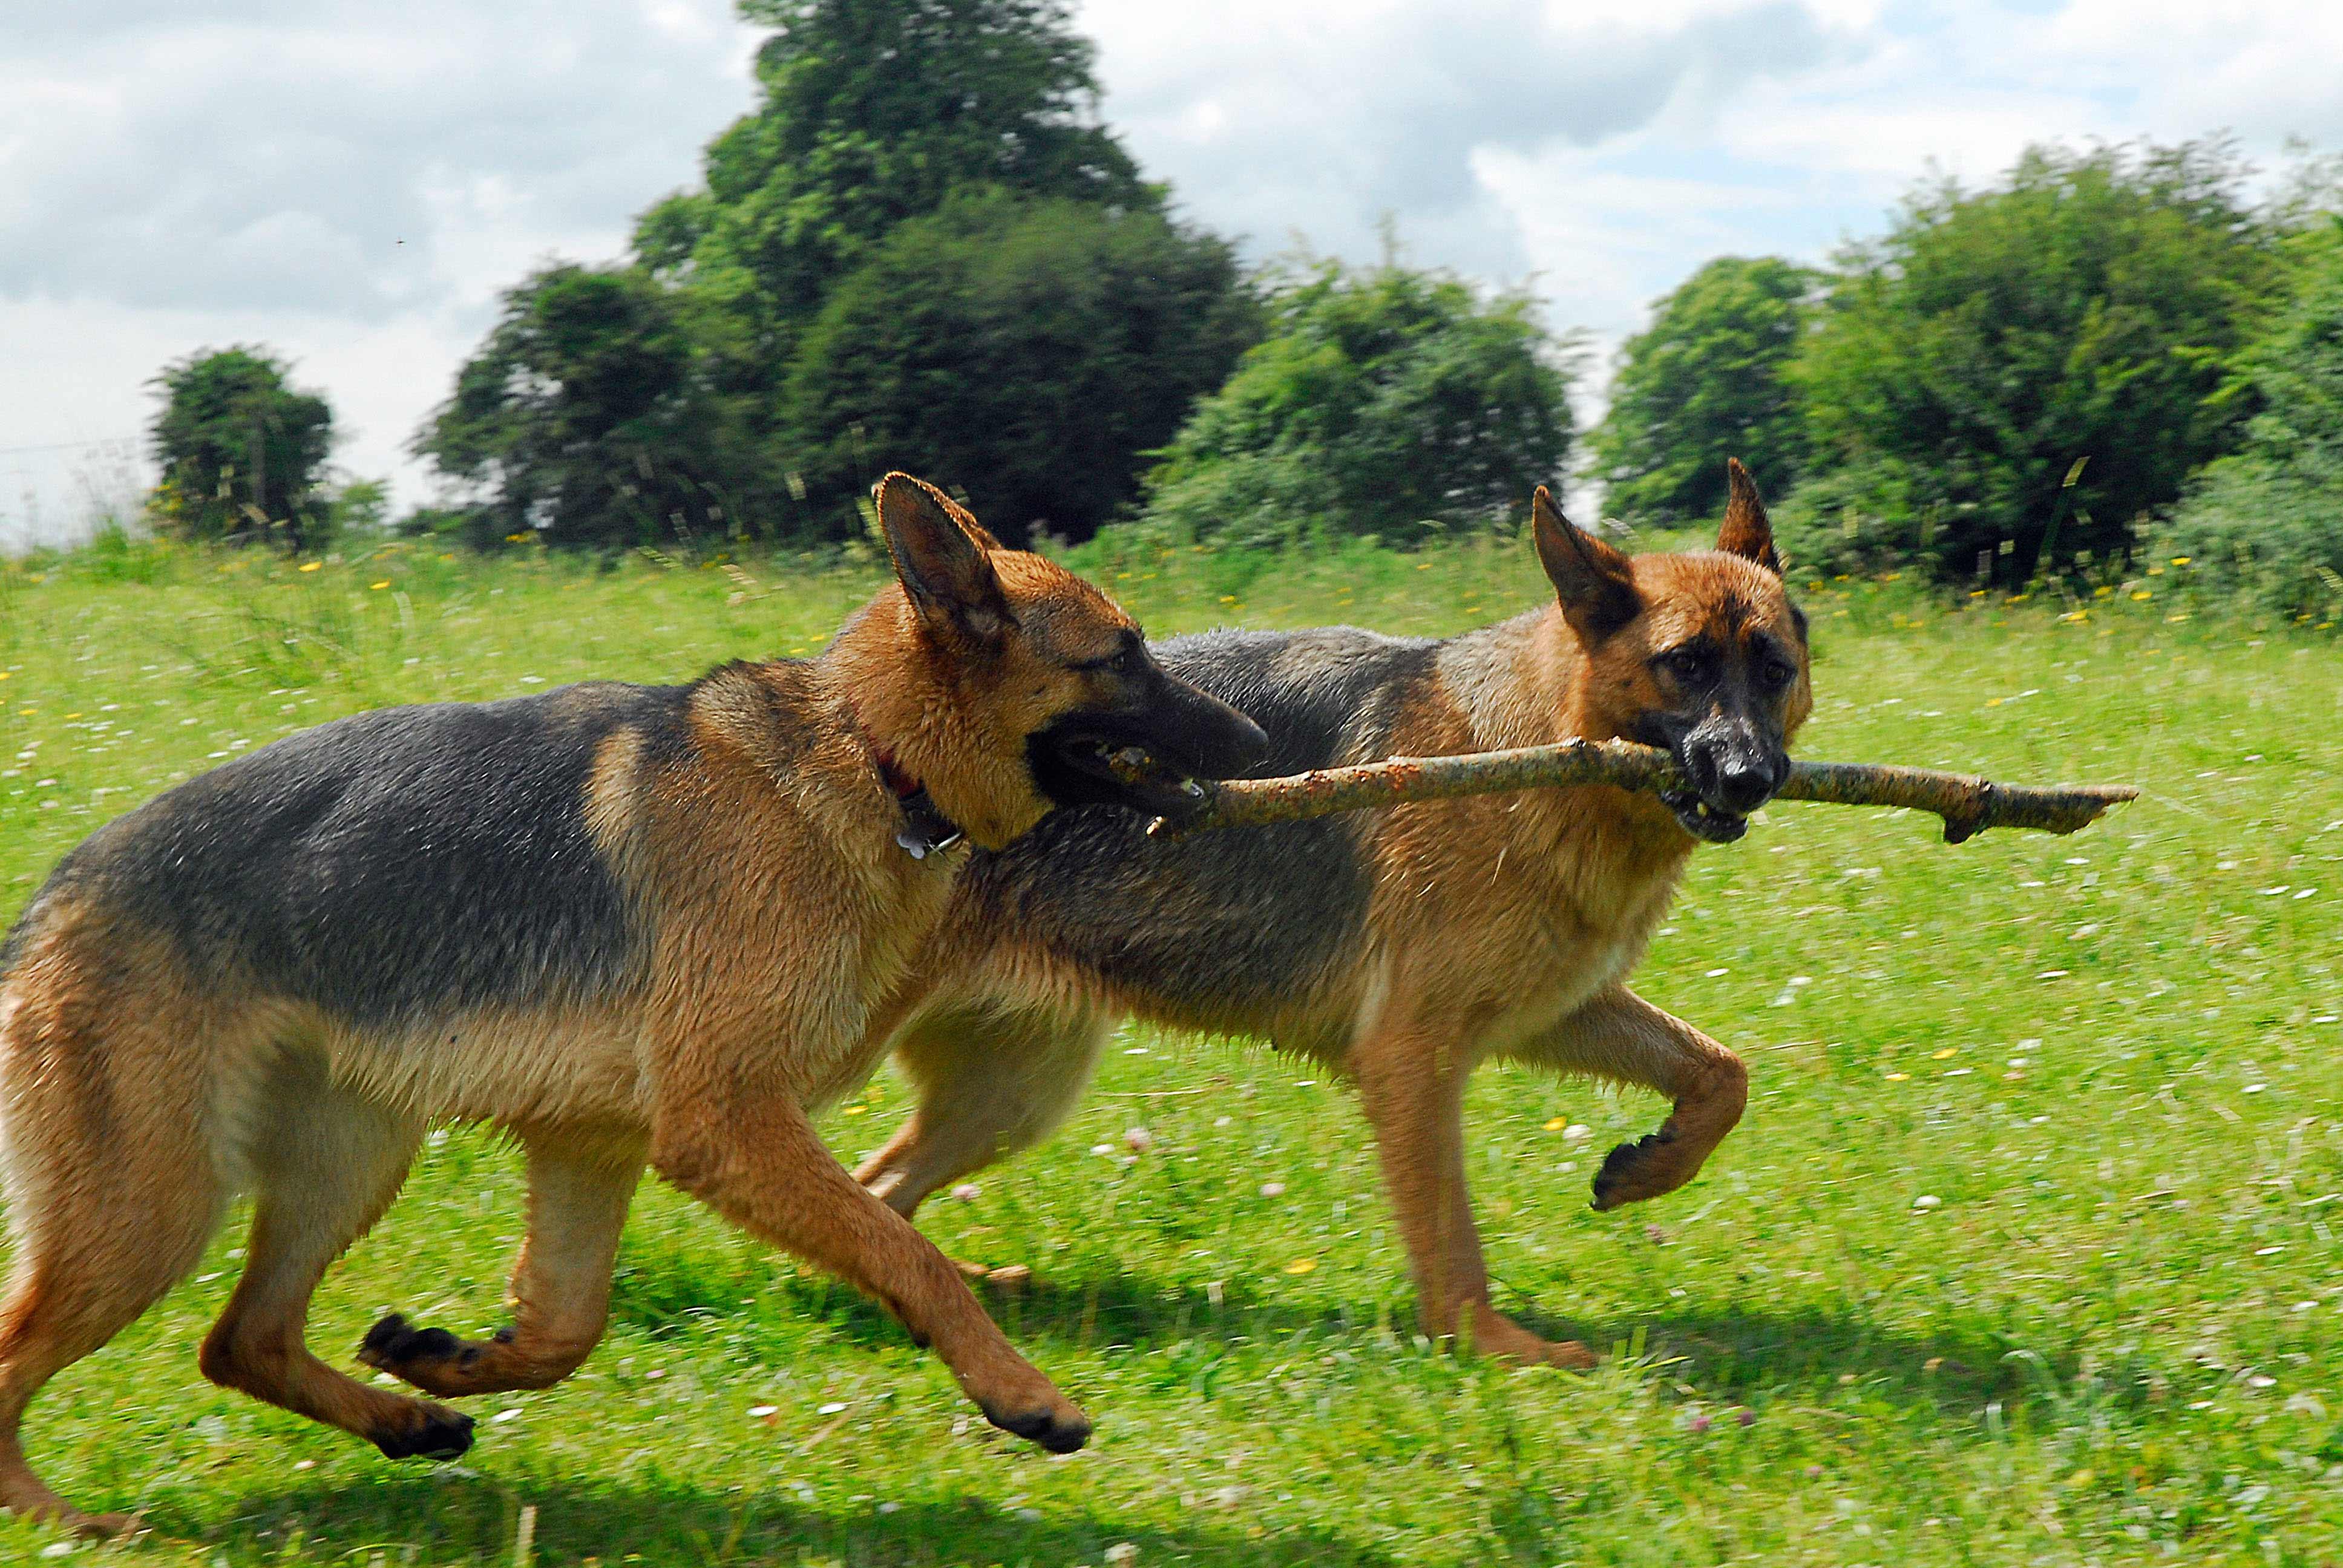 German Shepherd Blue And Tan German Shepherd Dog Br...